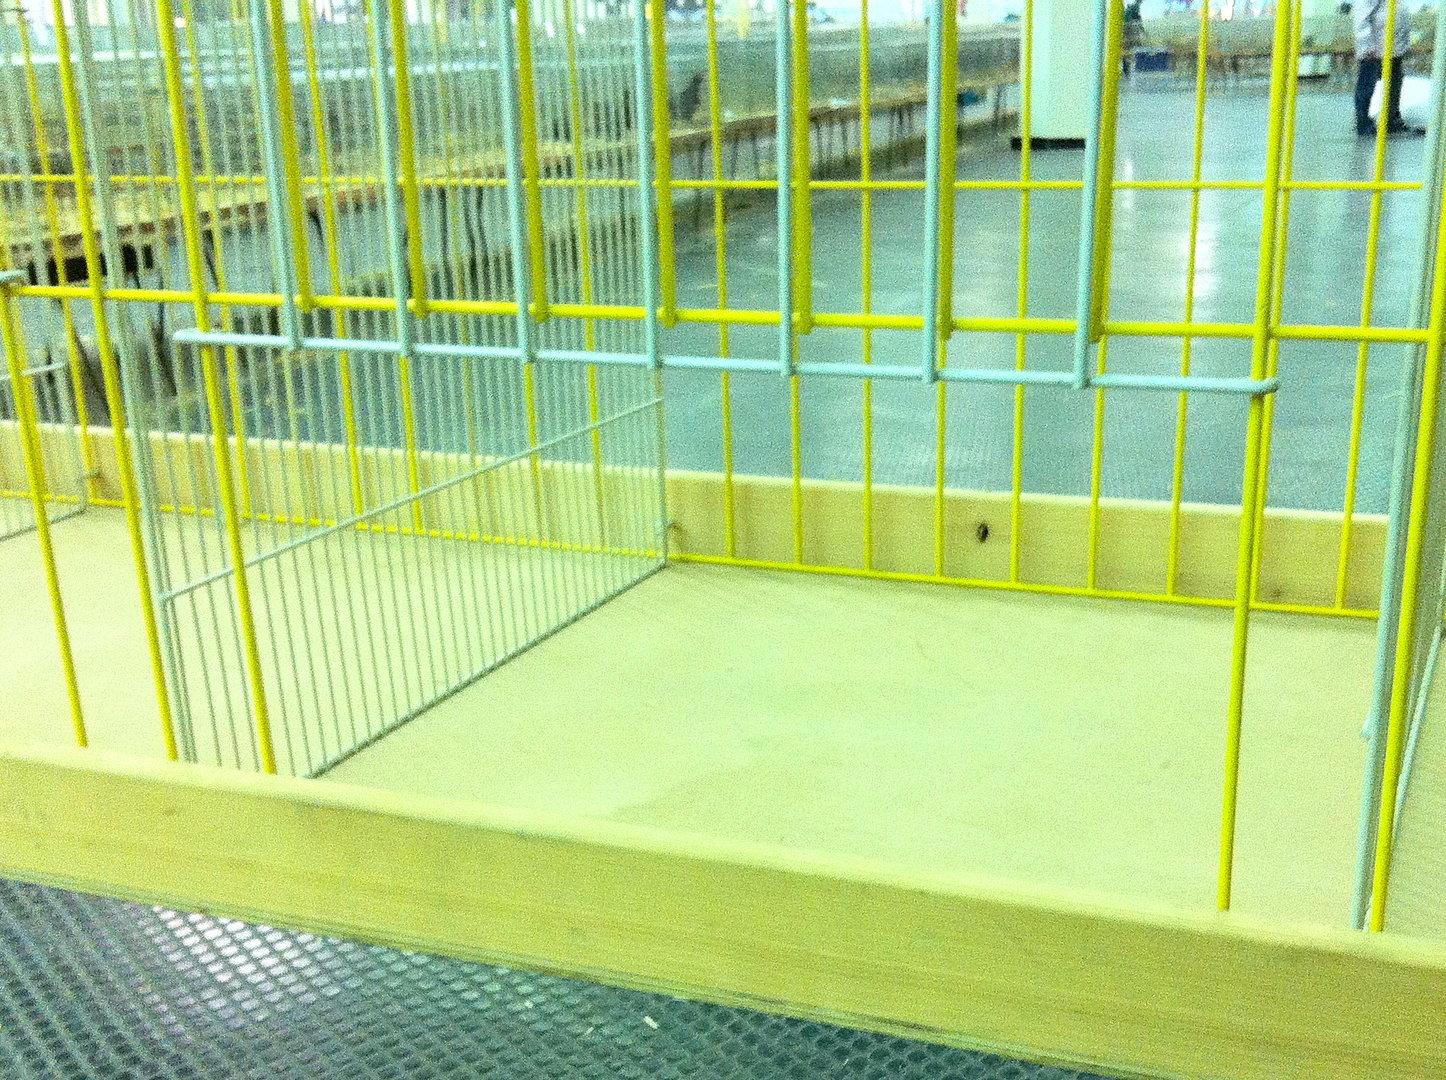 d coration clapier beton 2 cases 19 saint denis. Black Bedroom Furniture Sets. Home Design Ideas